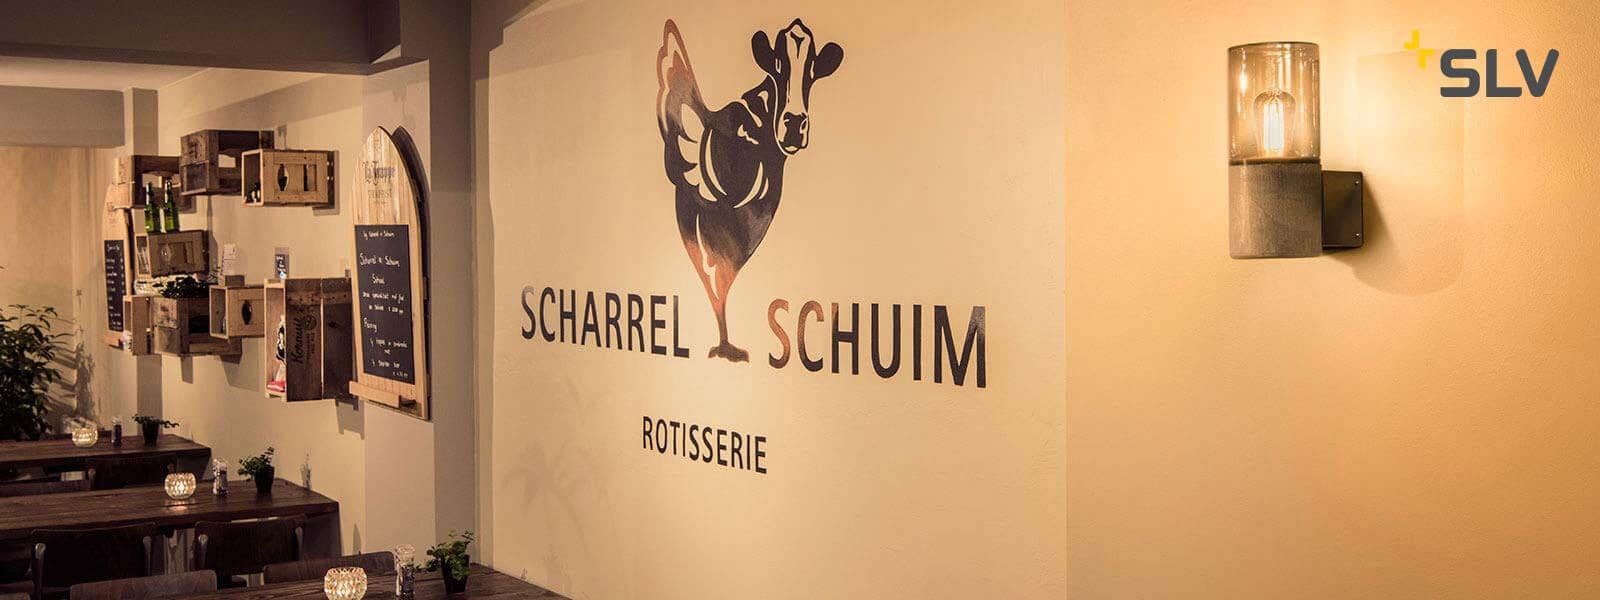 Rotisserie Scharrel en Schuim, Venlo